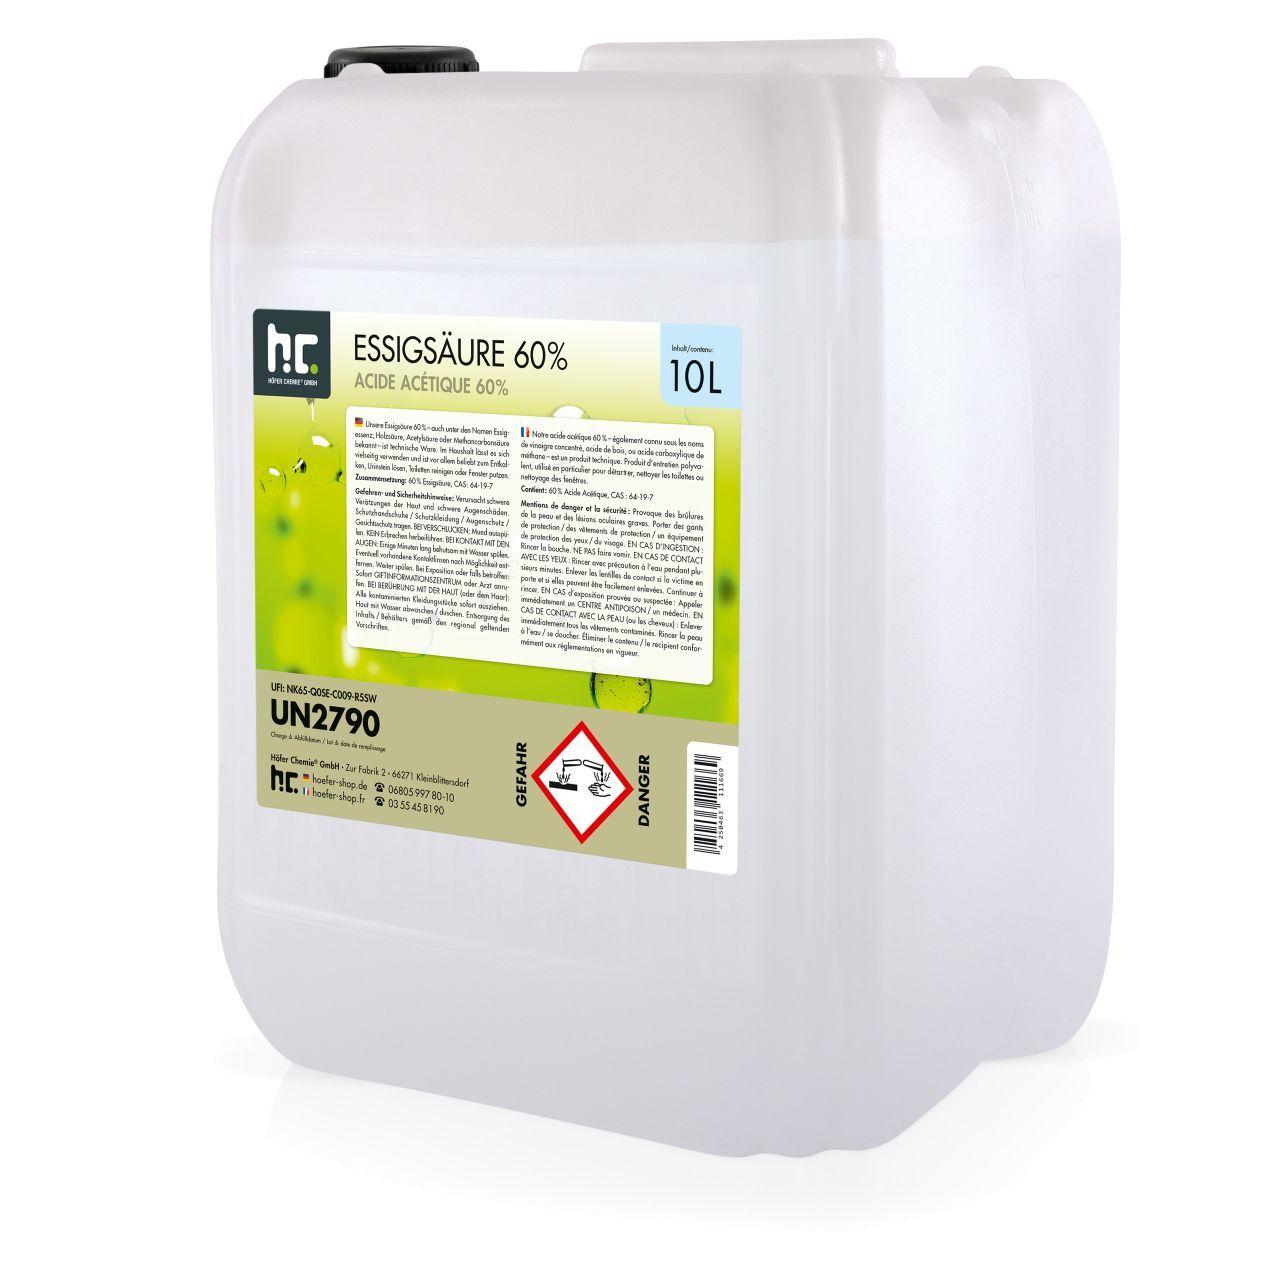 Höfer Chemie 10 l Acide Acétique 60% (1 x 10 l)